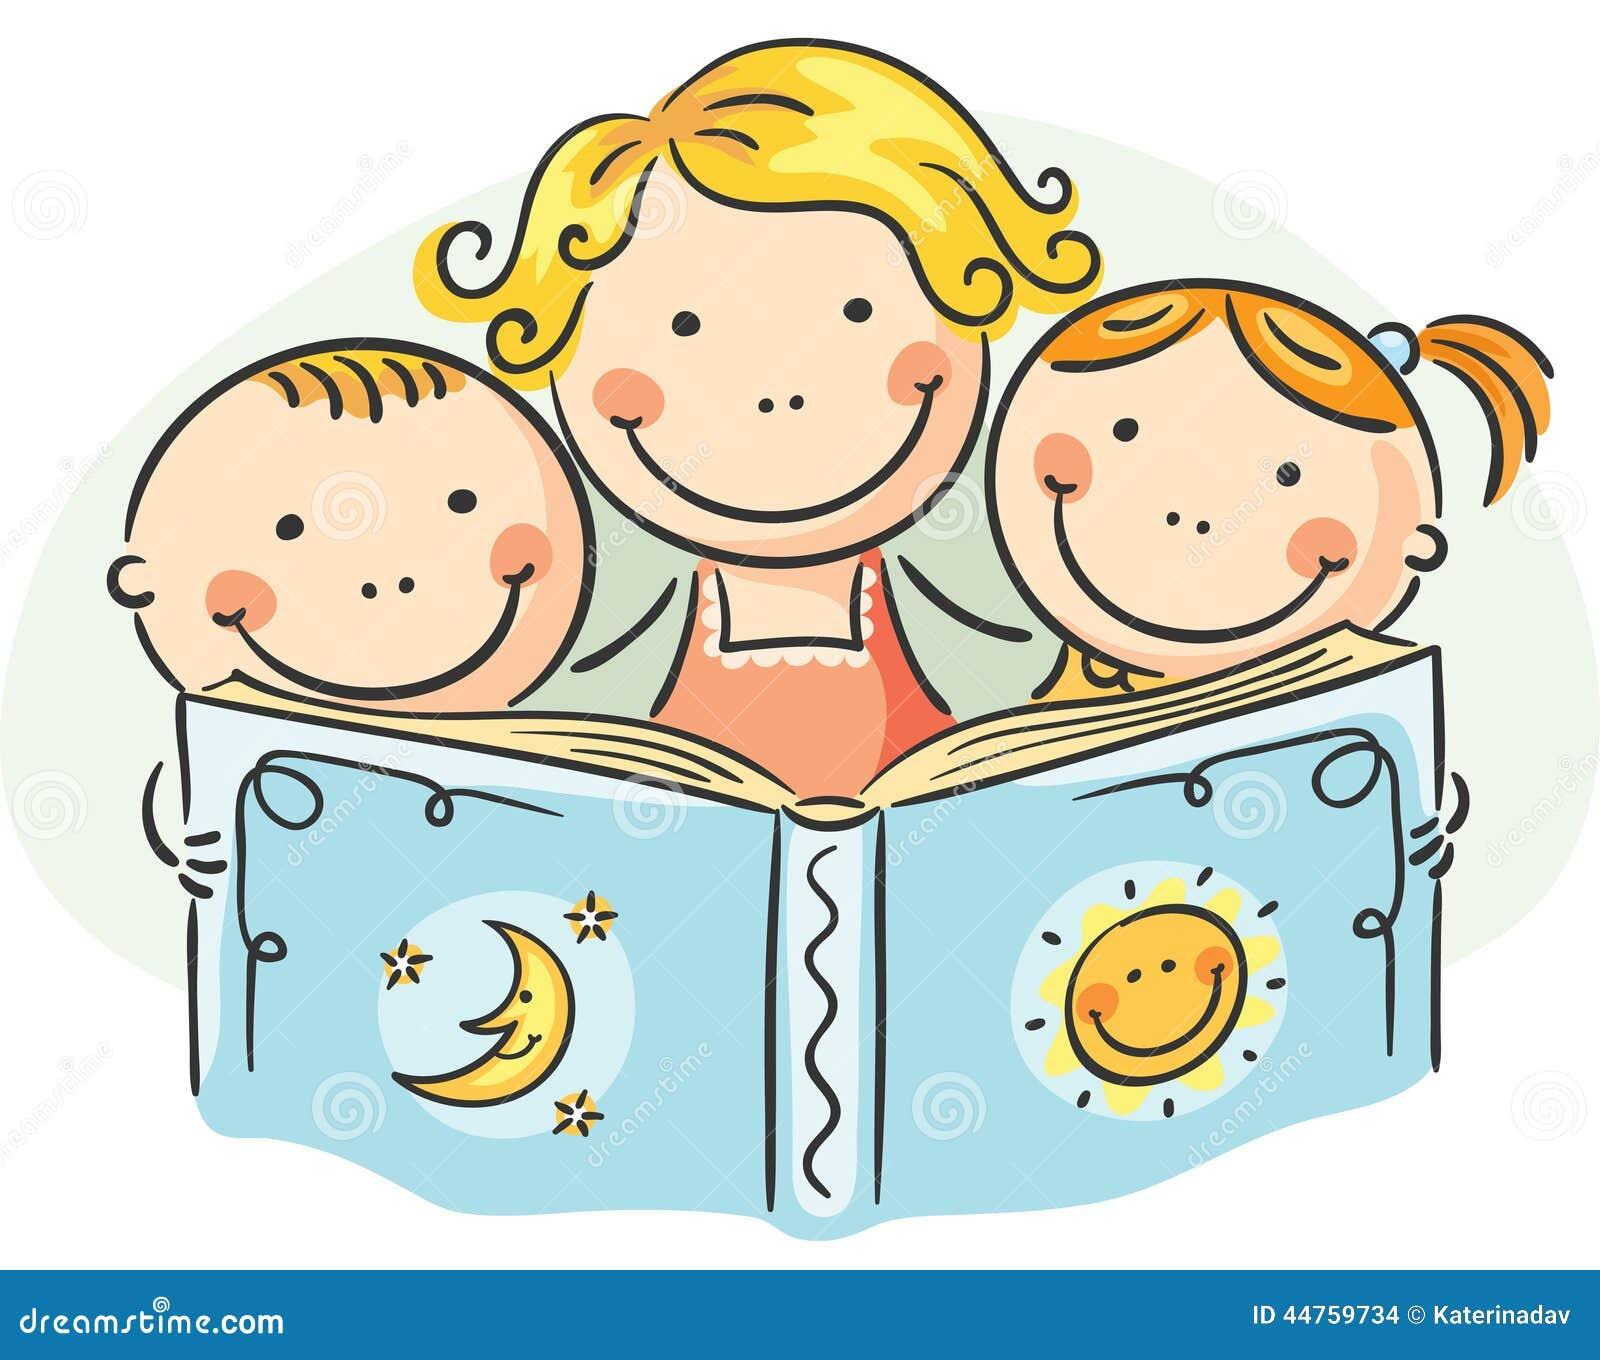 mutter und kinder die zusammen lesen vektor abbildung illustration von familie inl ndisch. Black Bedroom Furniture Sets. Home Design Ideas